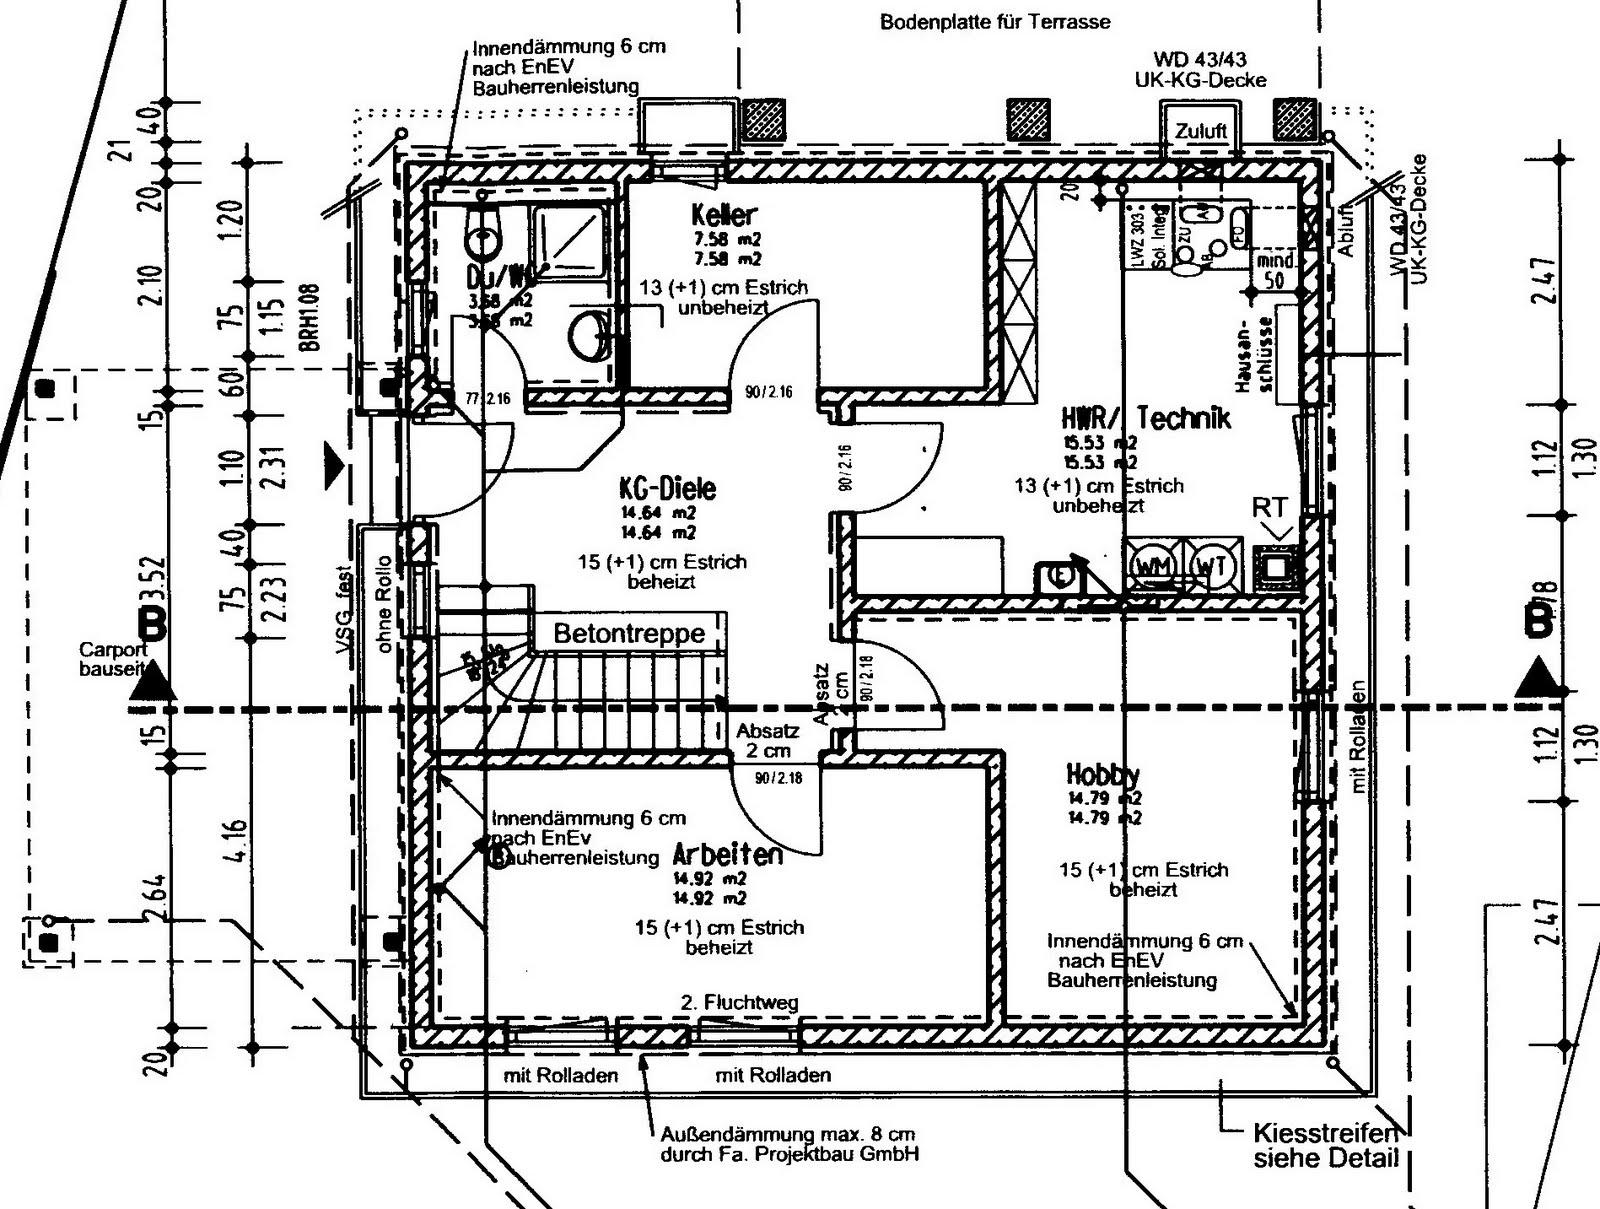 dusche im keller einbauen im vorderen bereich des kellers werden wir - Dusche Im Keller Bauen